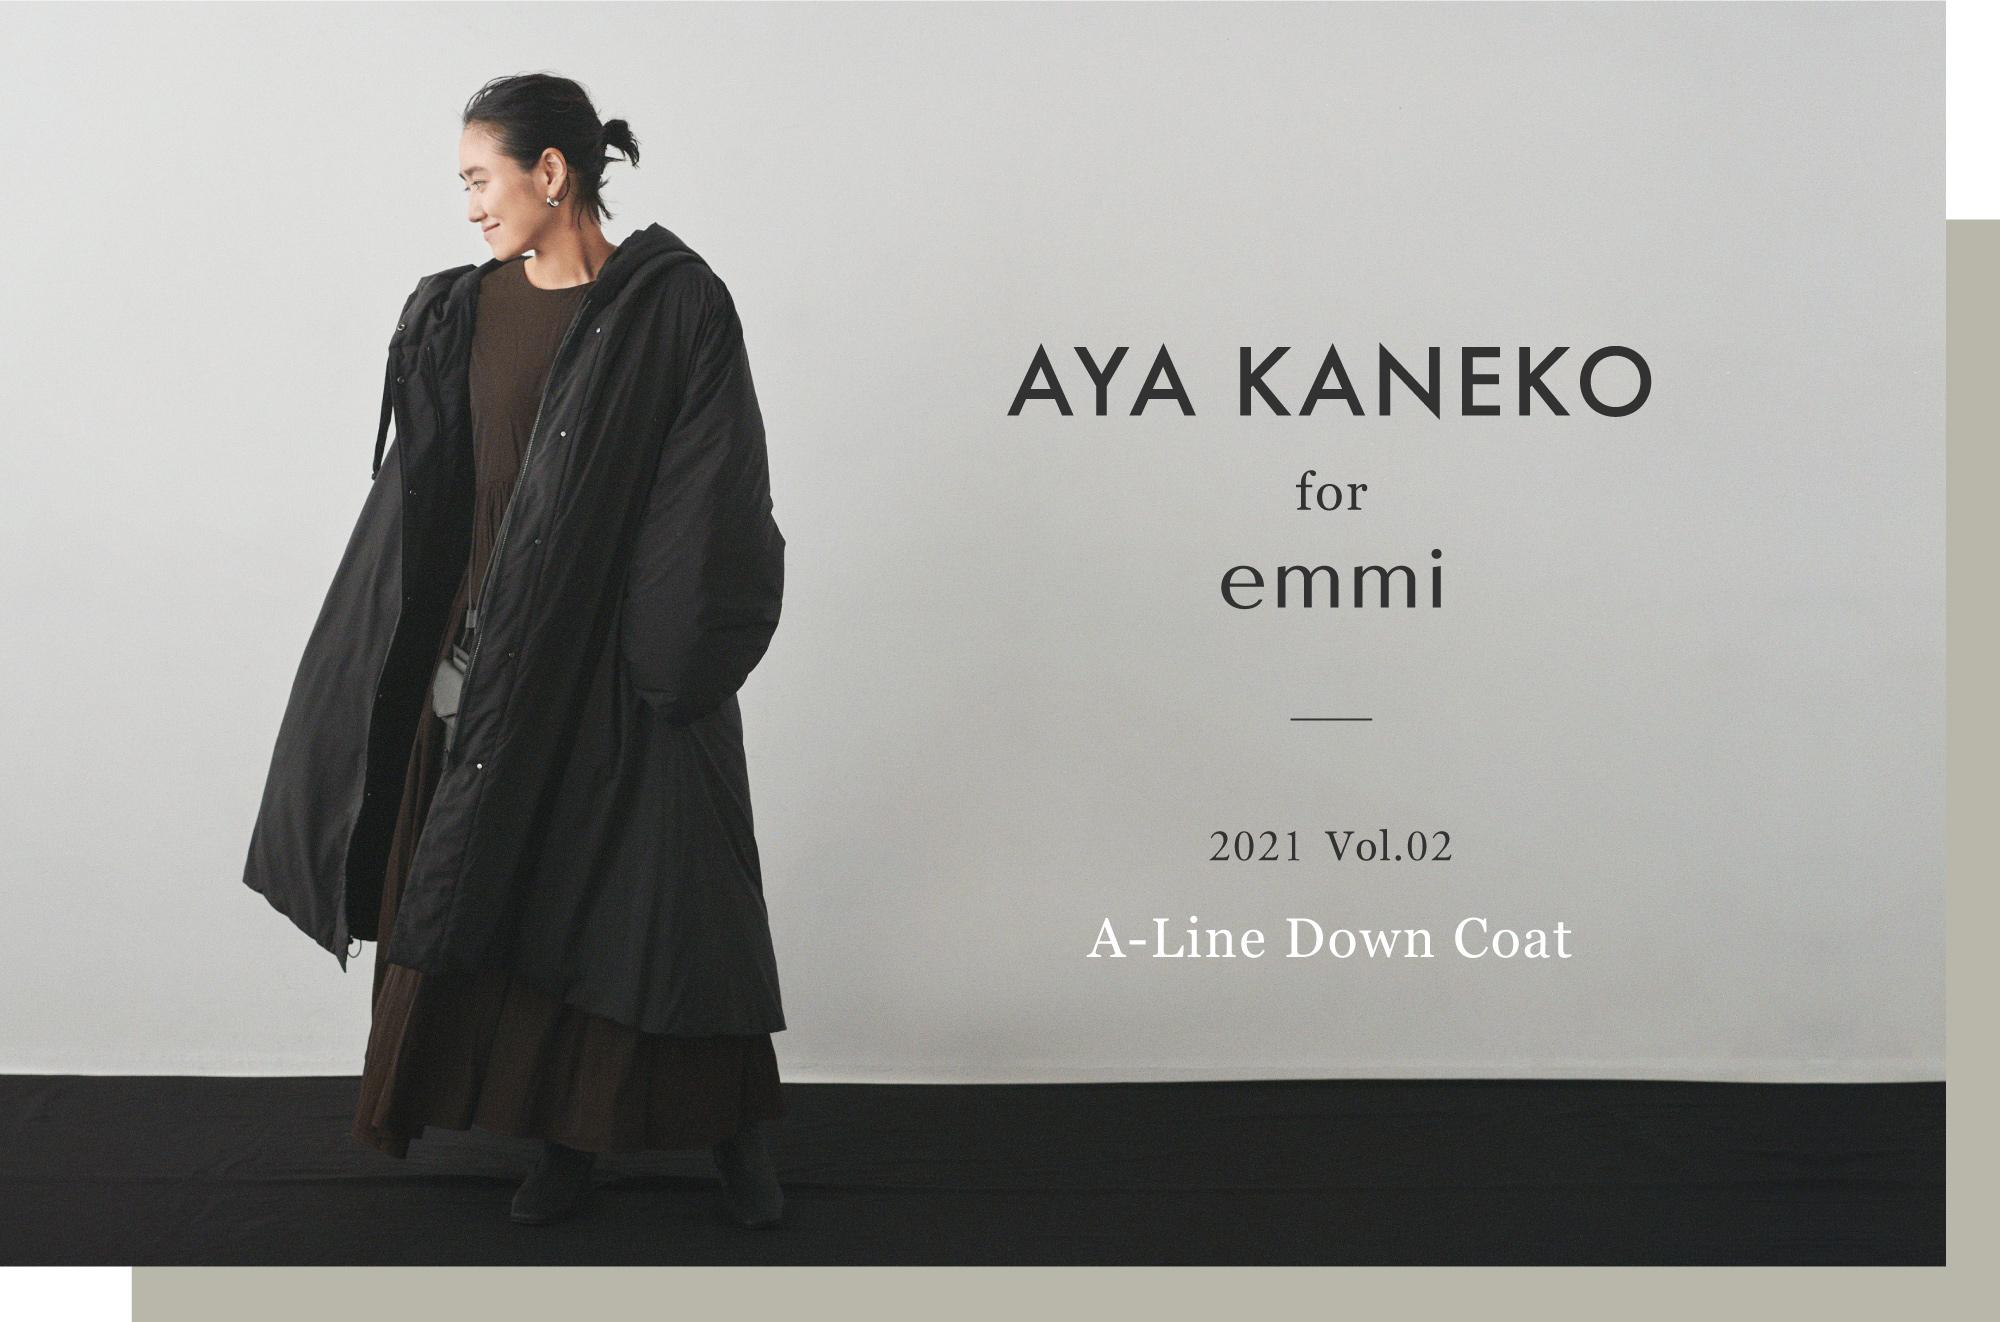 AYA_KANEKO for emmi